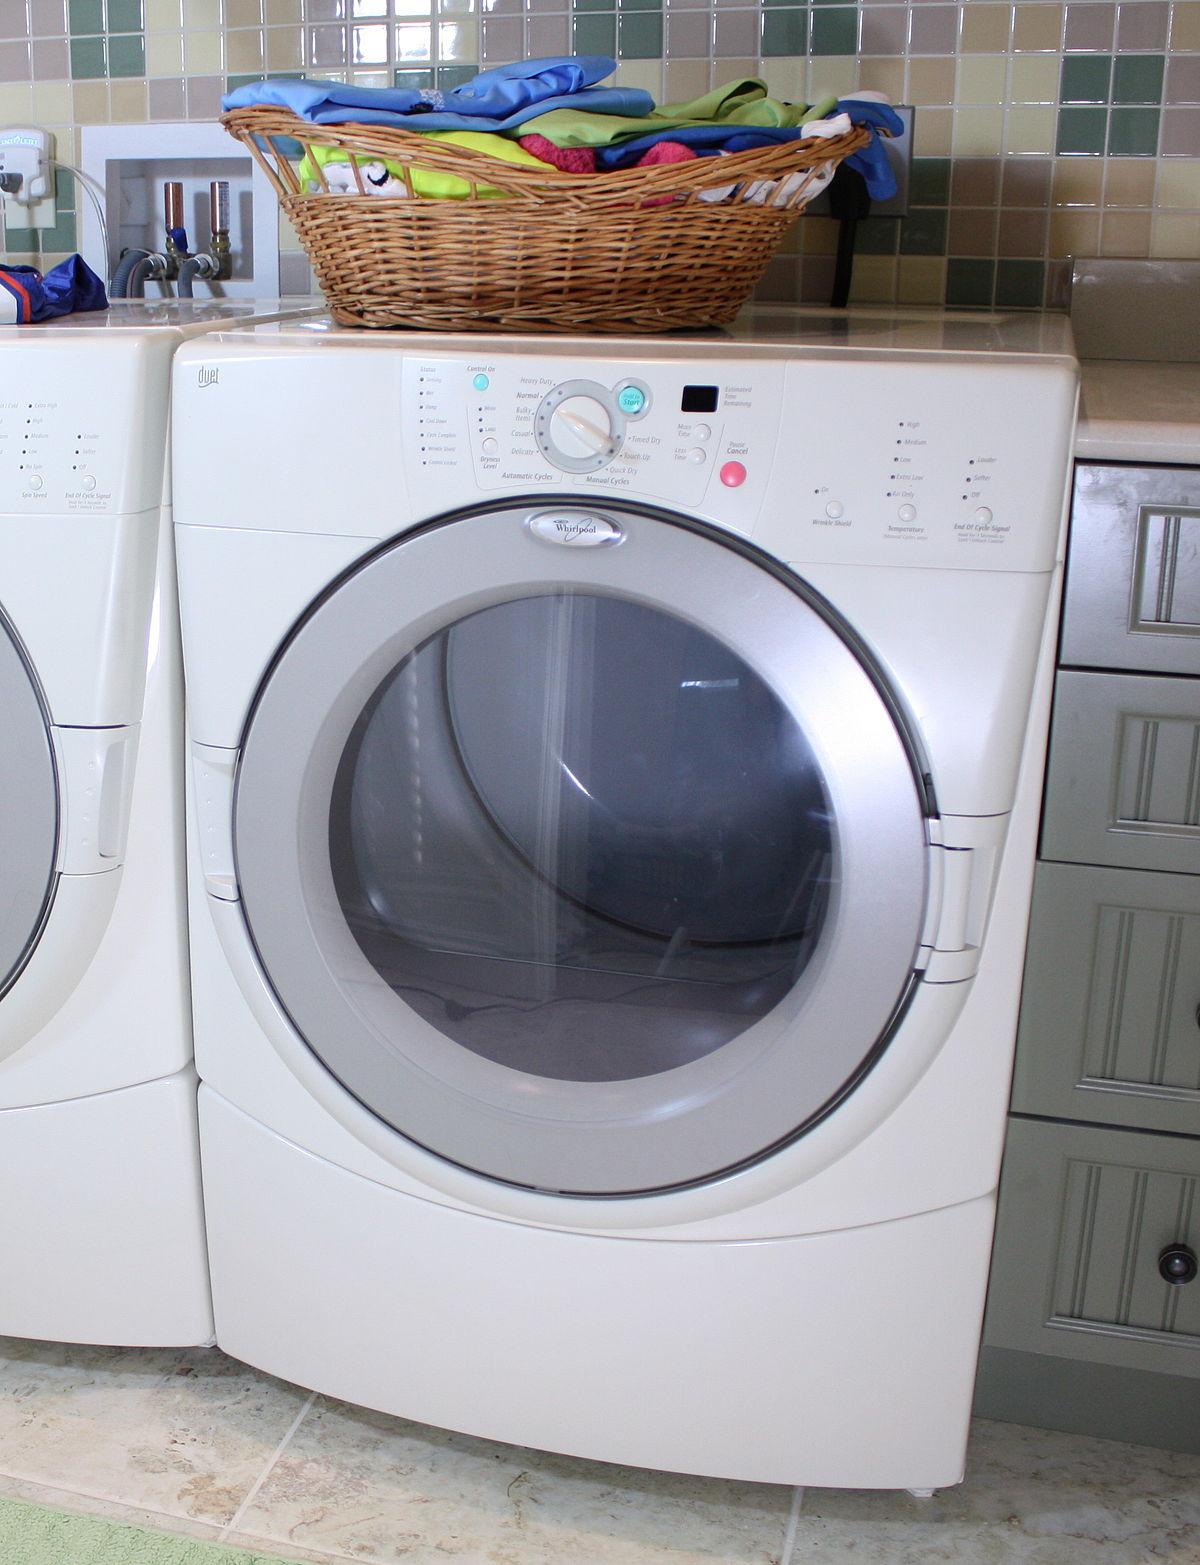 林內 乾衣機購物比價-FindPrice 價格網